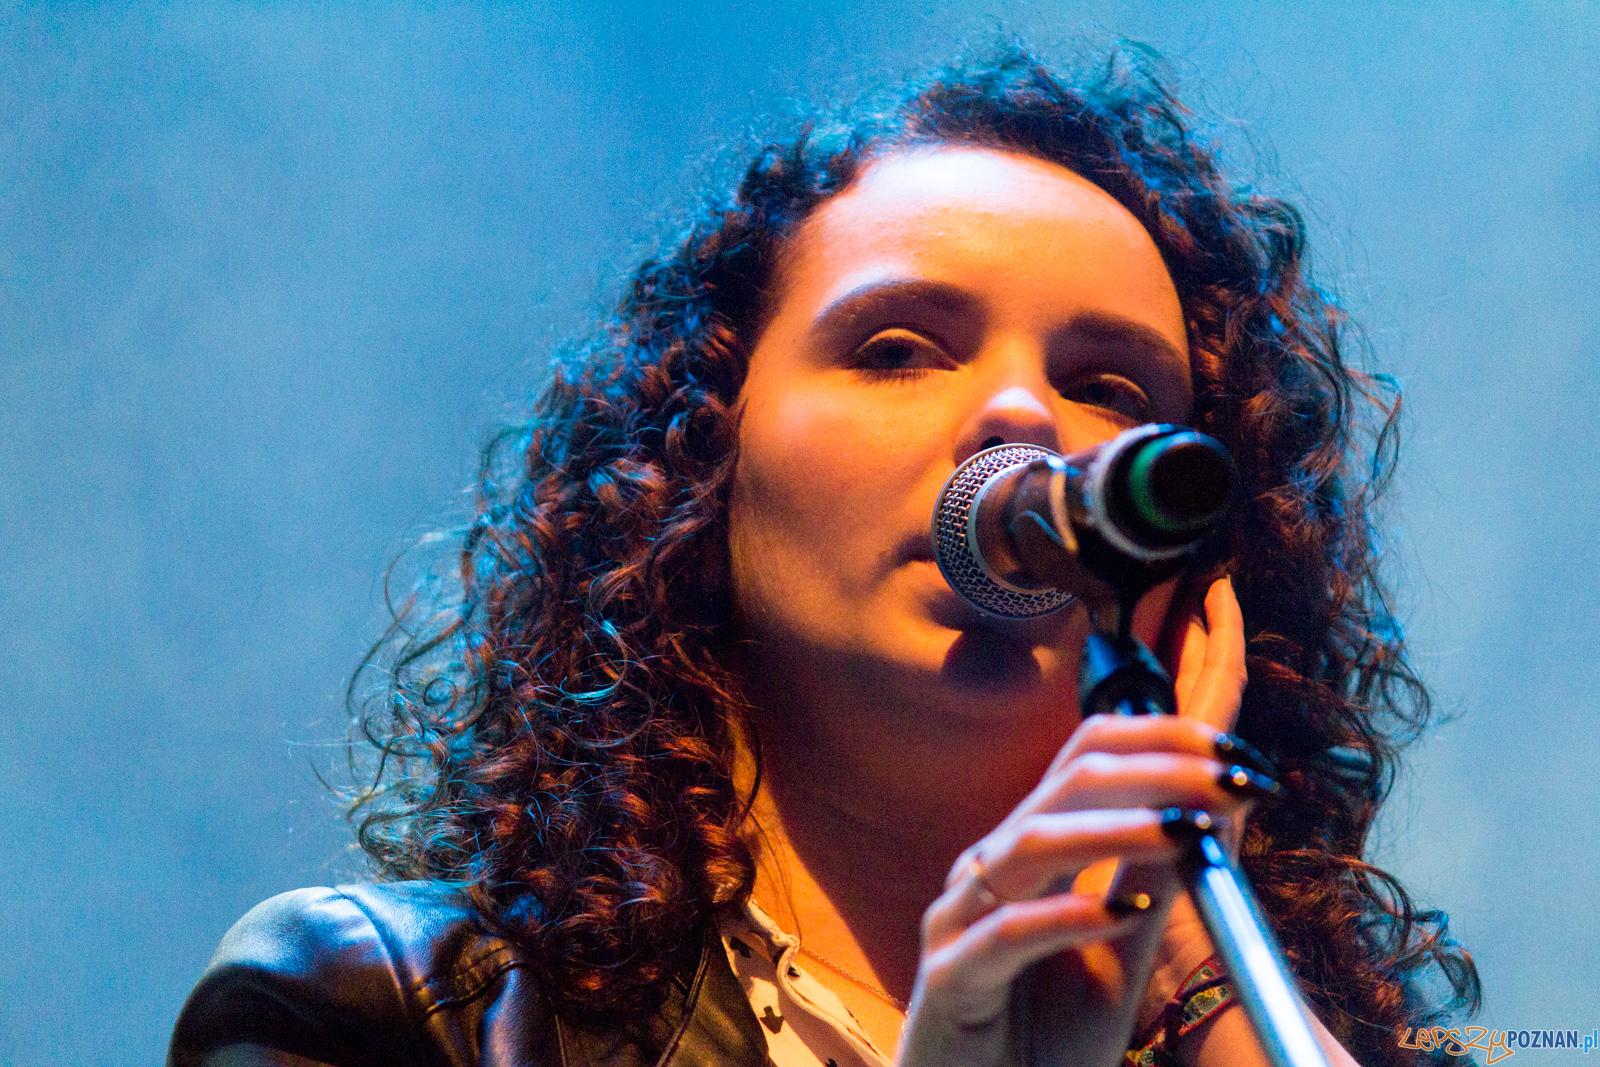 Gramy u siebie  Foto: lepszyPOZNAN.pl / Ewelina Jaskowiak